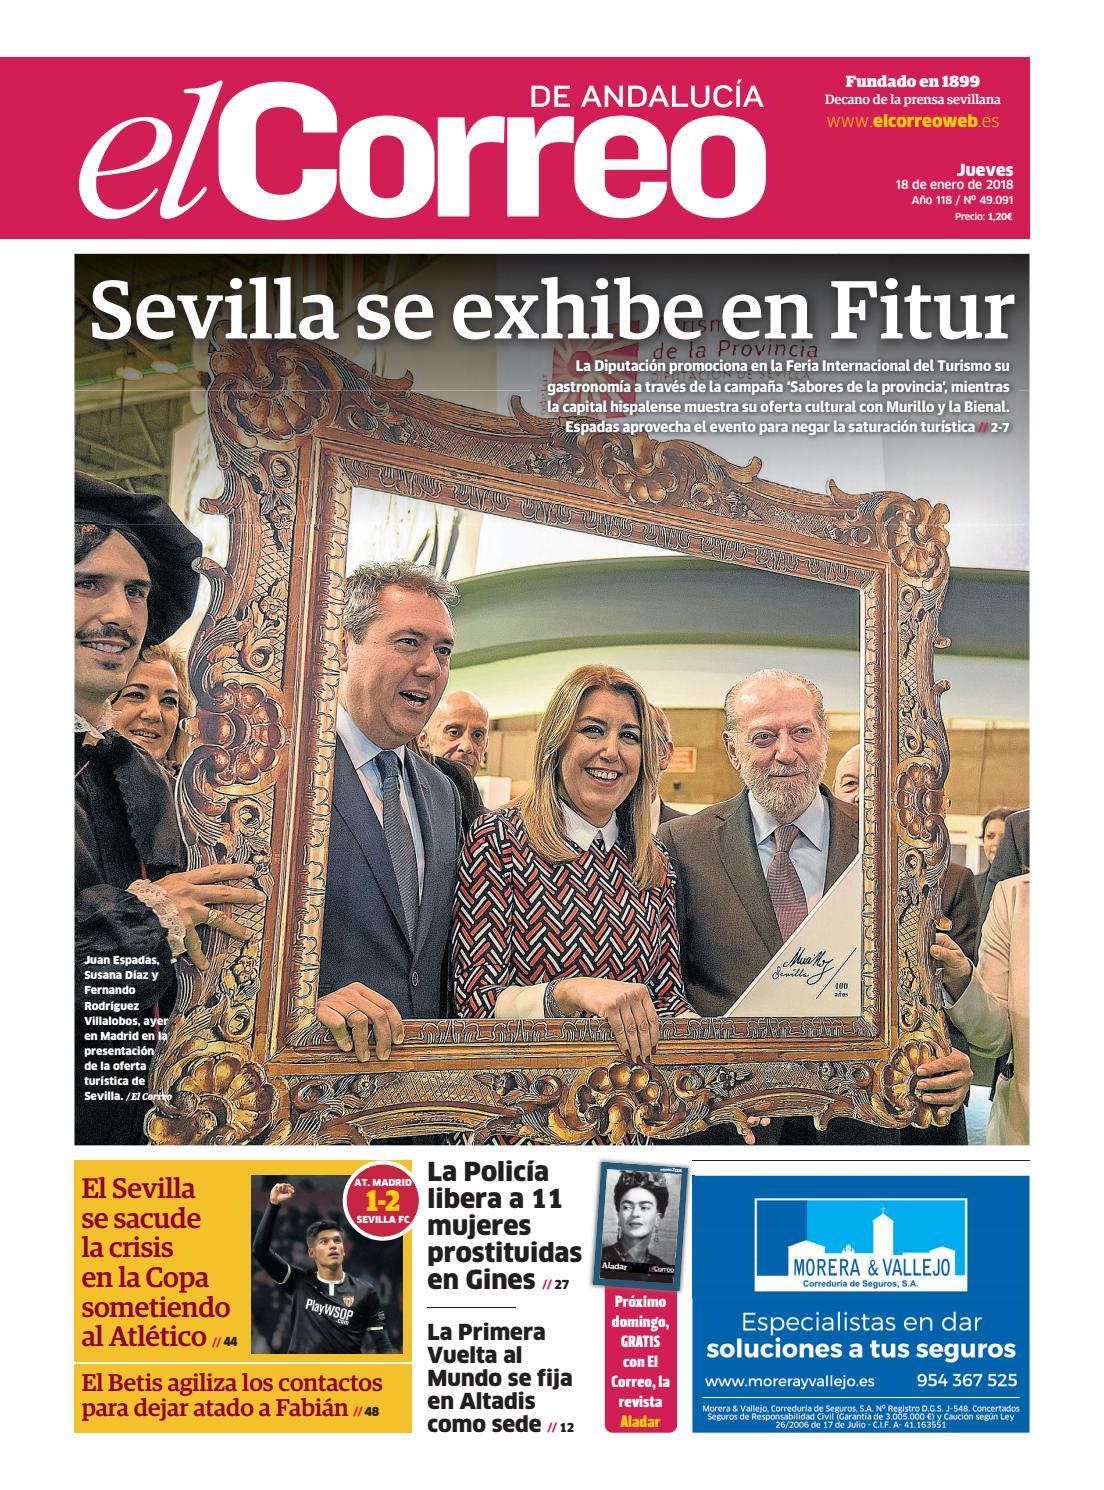 18.01.2018 El Correo de Andalucía by EL CORREO DE ANDALUCÍA S.L. - issuu b79f305850799